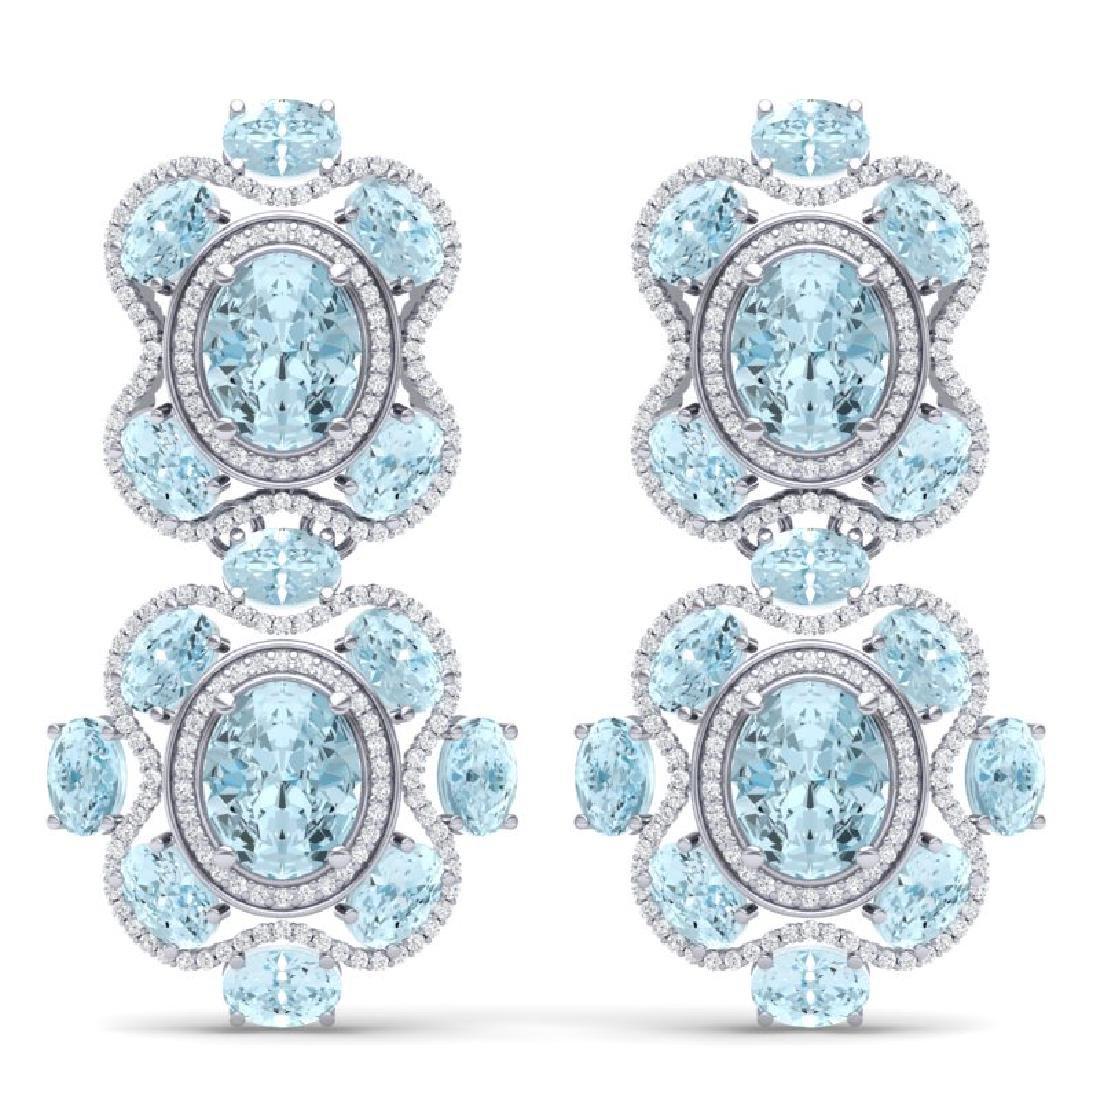 34.96 CTW Royalty Sky Topaz & VS Diamond Earrings 18K